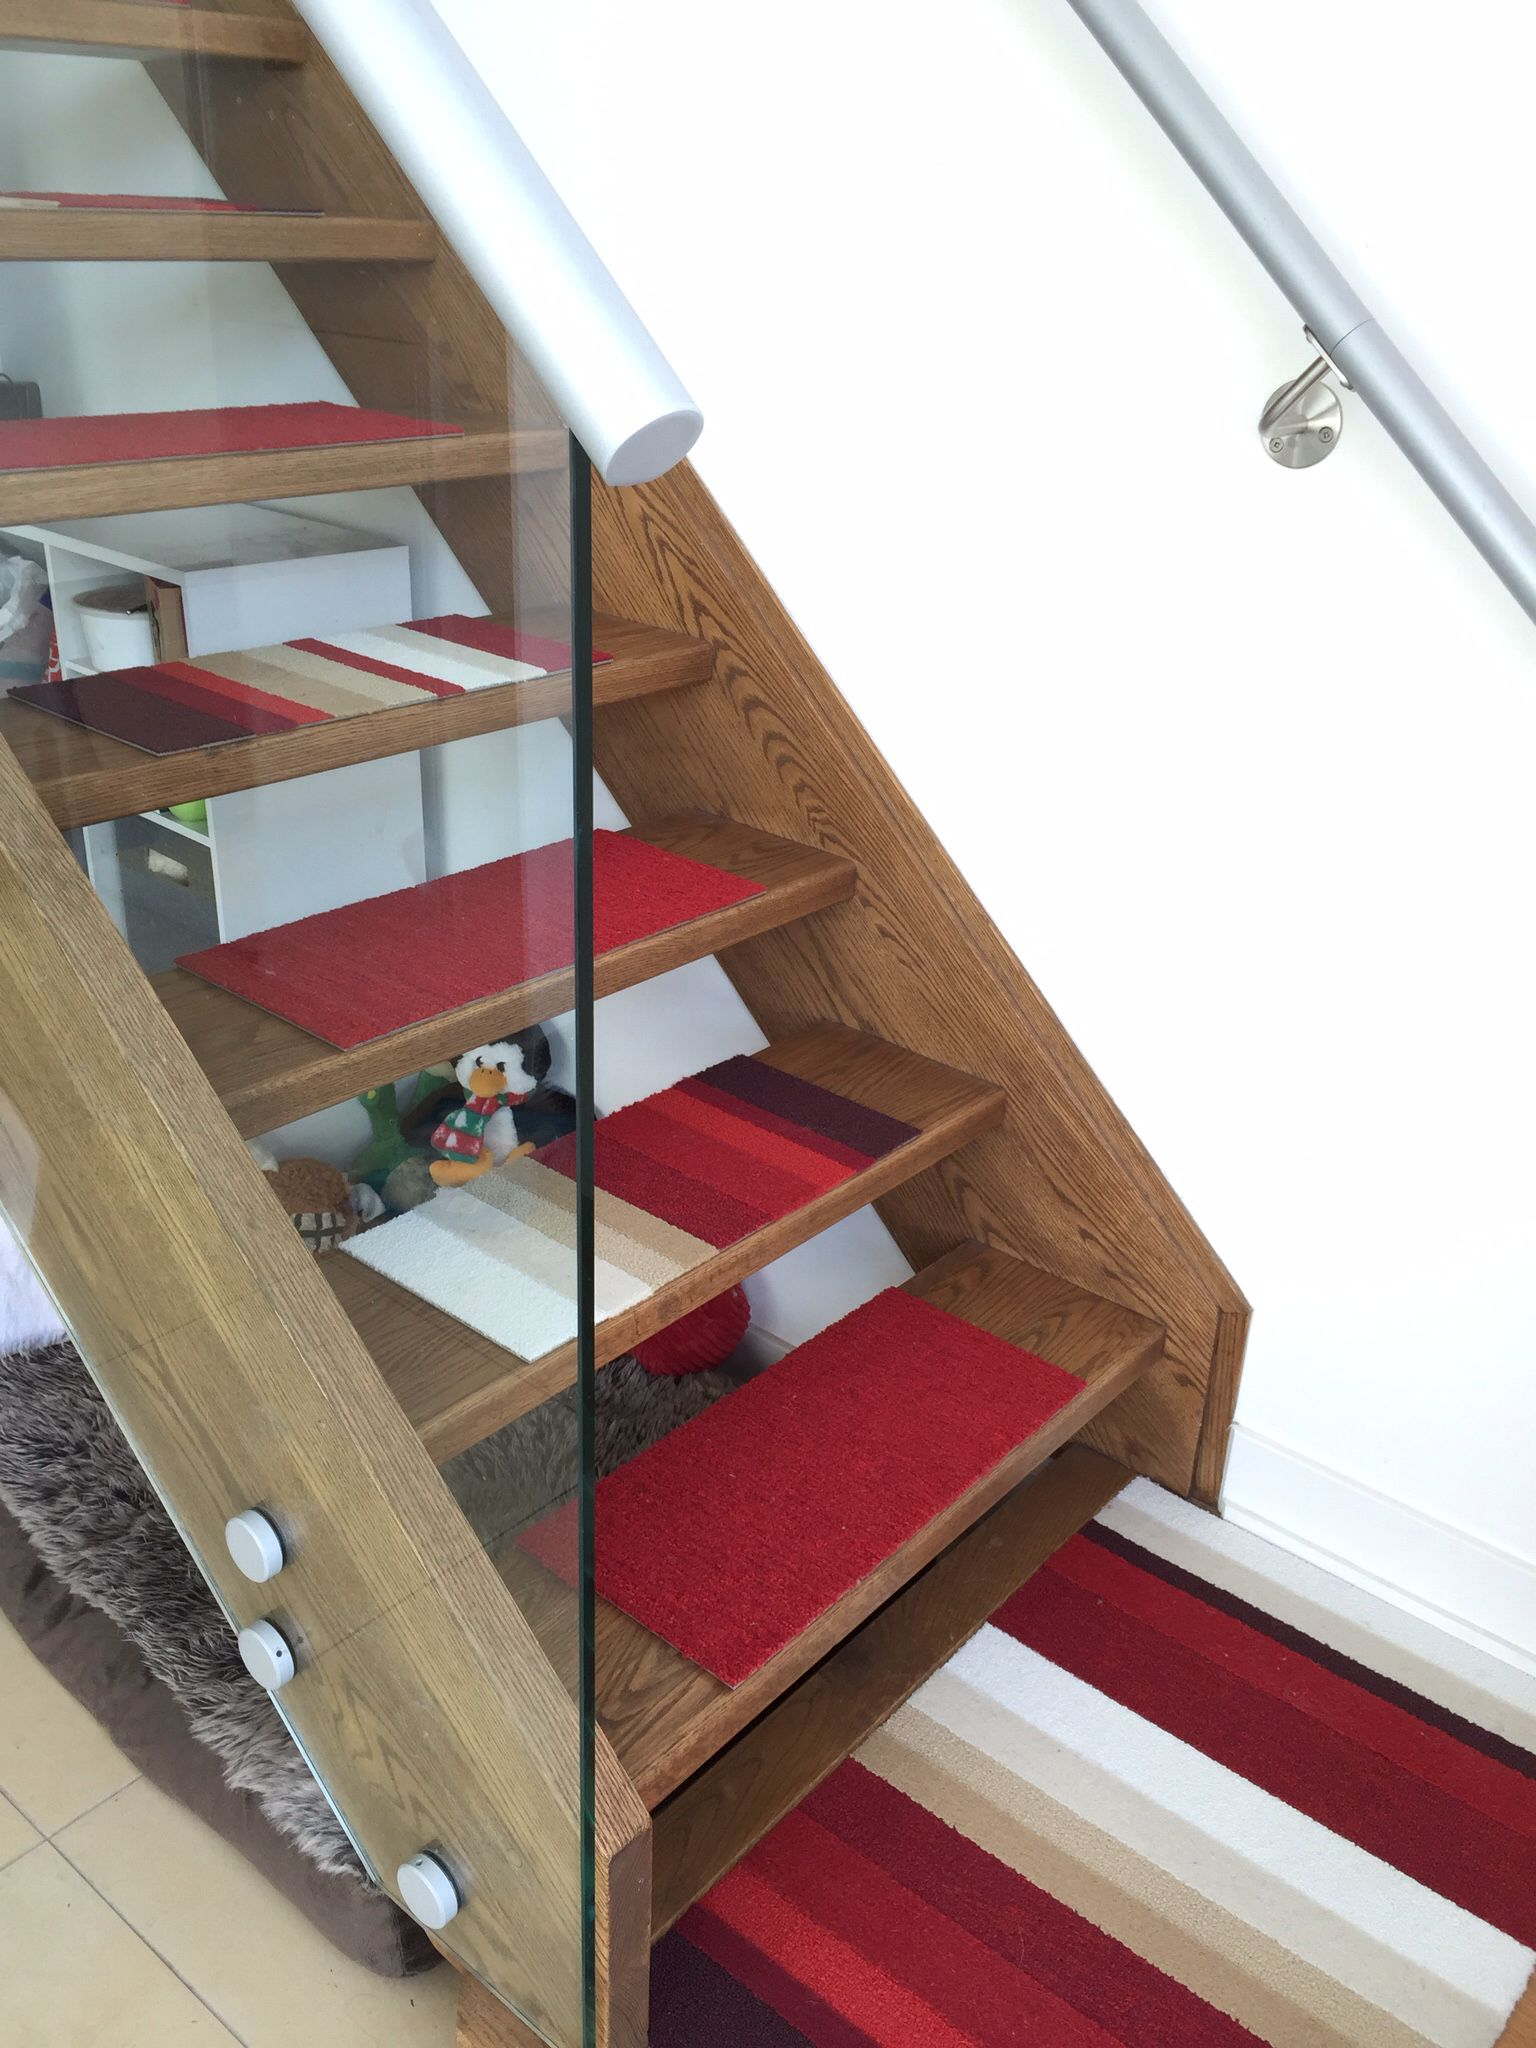 Diy Stair Treads From Flor Carpet Tiles … Carpet Tiles Design | Stair Tread Carpet Tiles | Treads Lowes | Slip Resistant | Non Slip | Tread Covers | Walmart